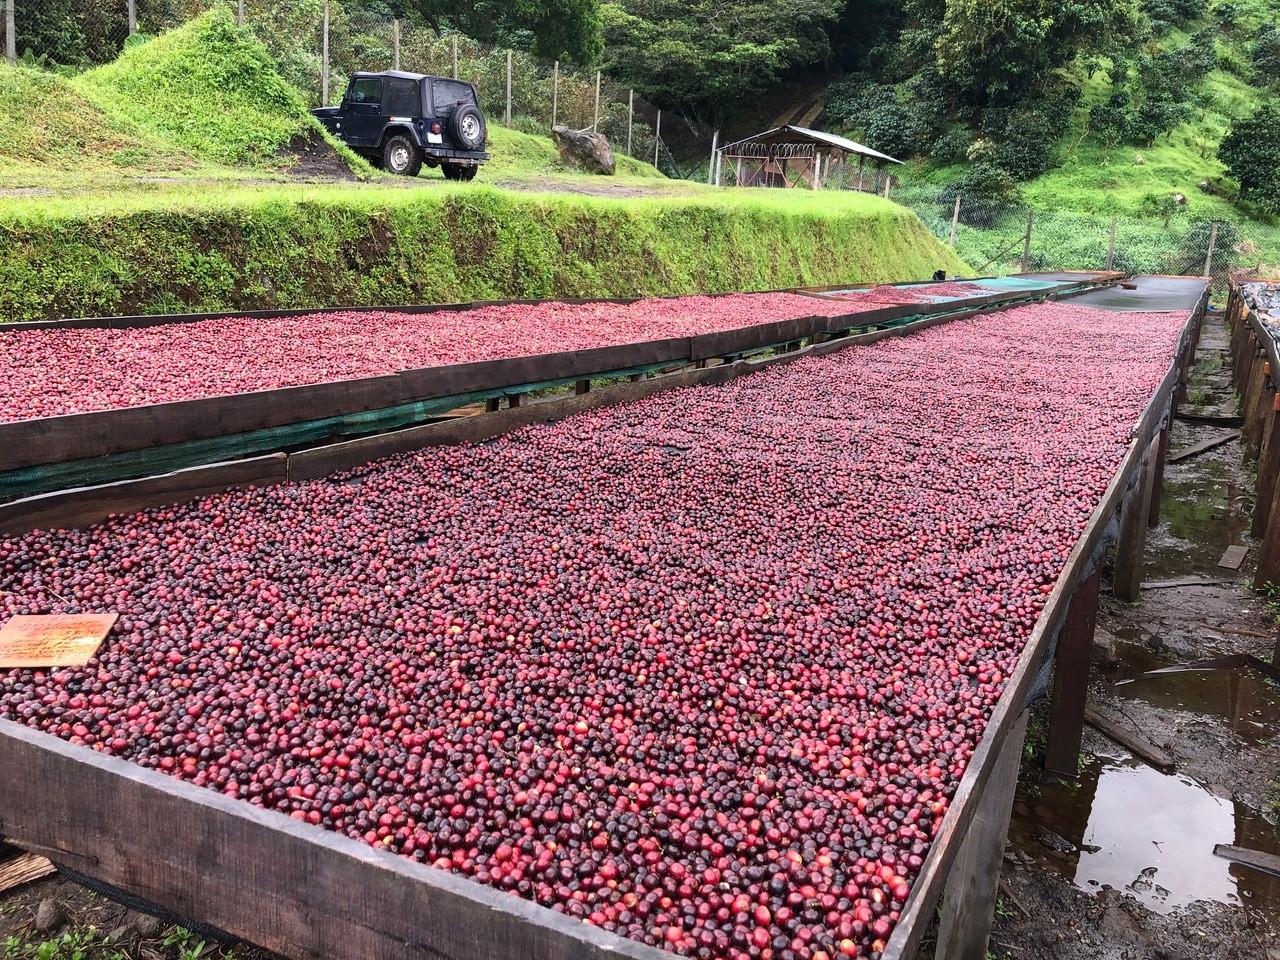 パナマよりオークション入賞農園の豆が届きました